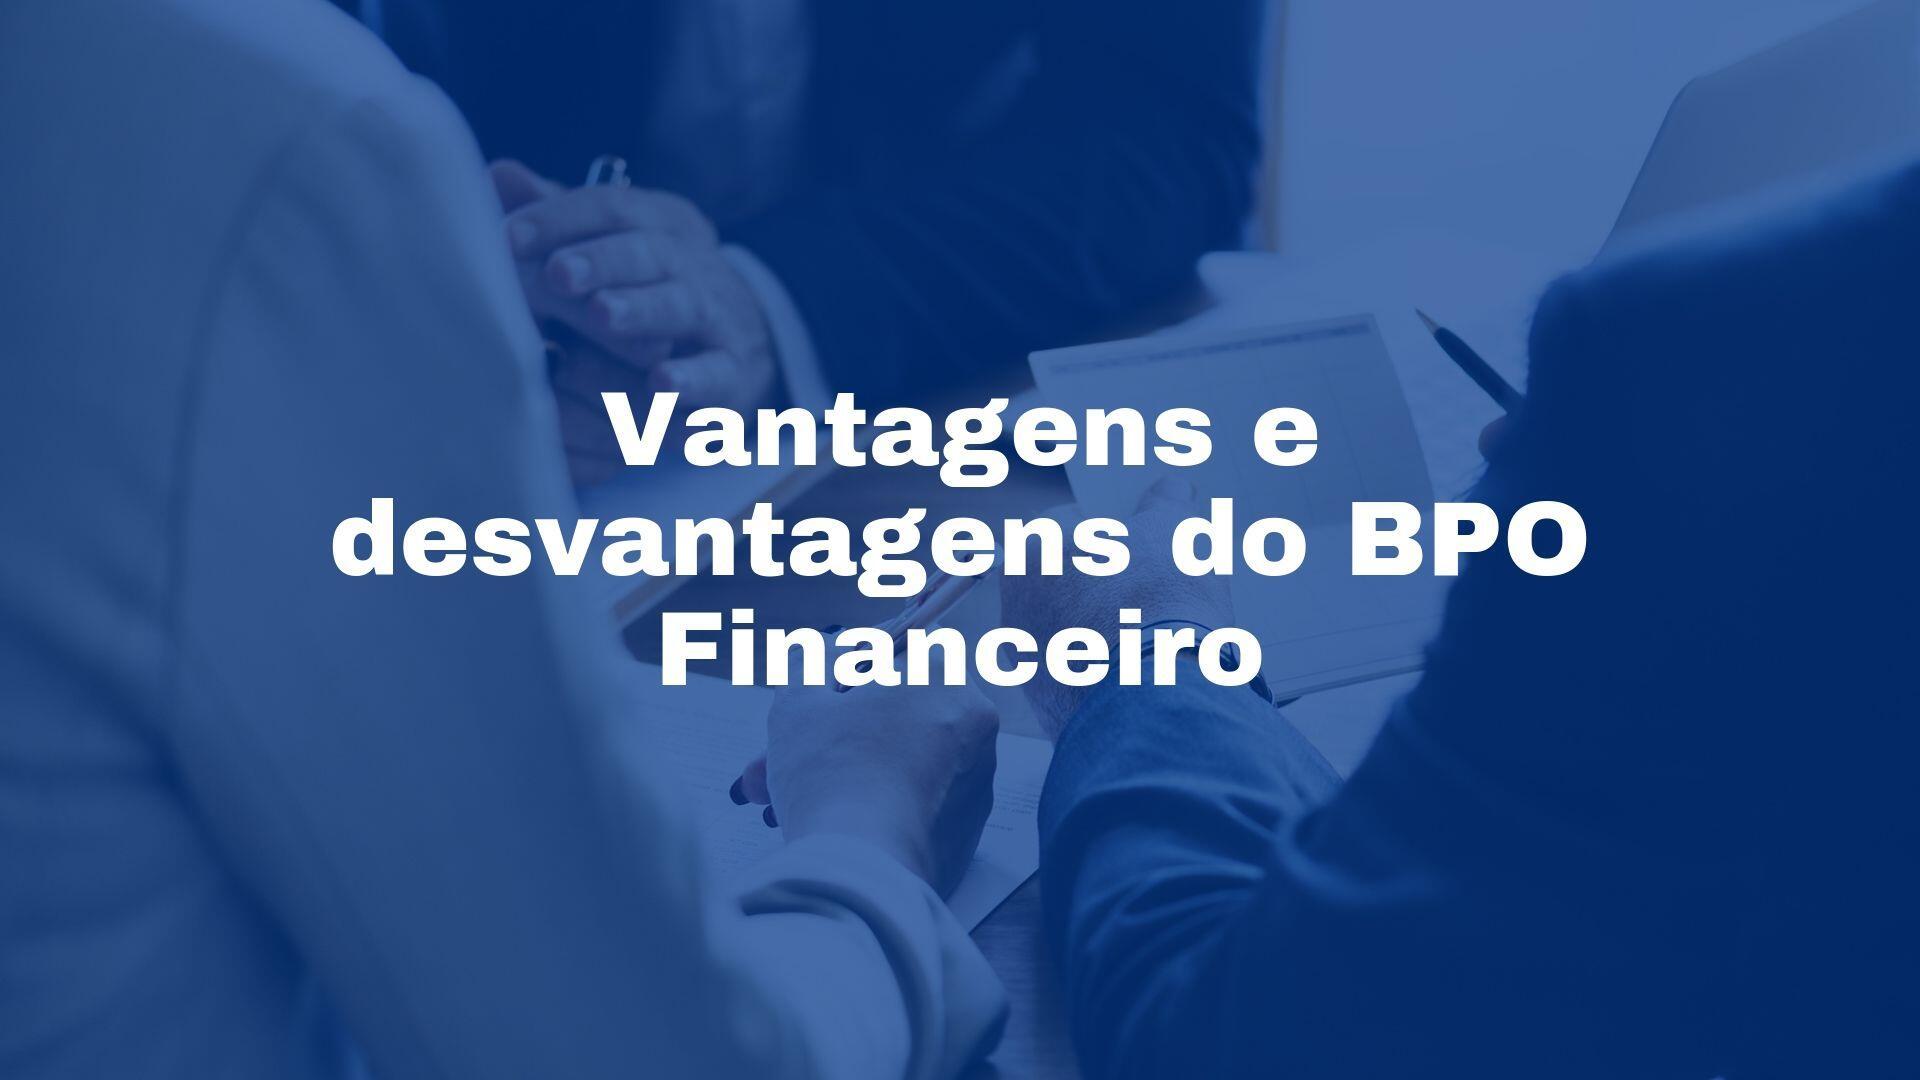 Vantagens e desvantagens do BPO Financeiro